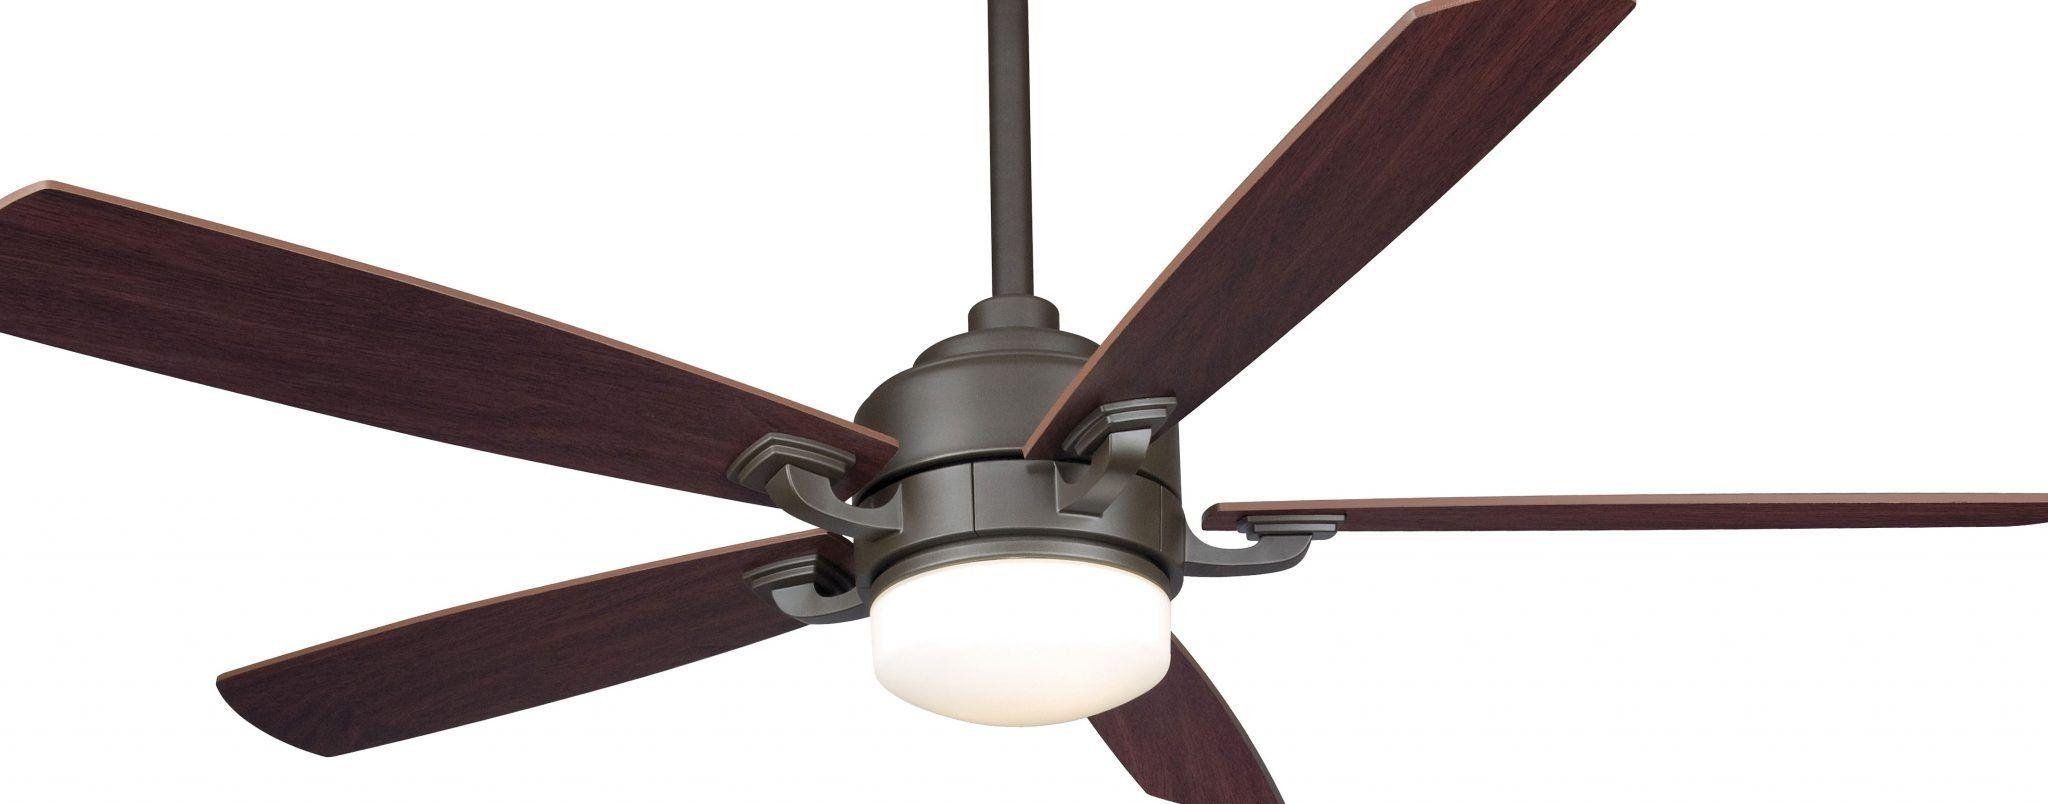 Ceiling Hunter Douglas Fan Remote